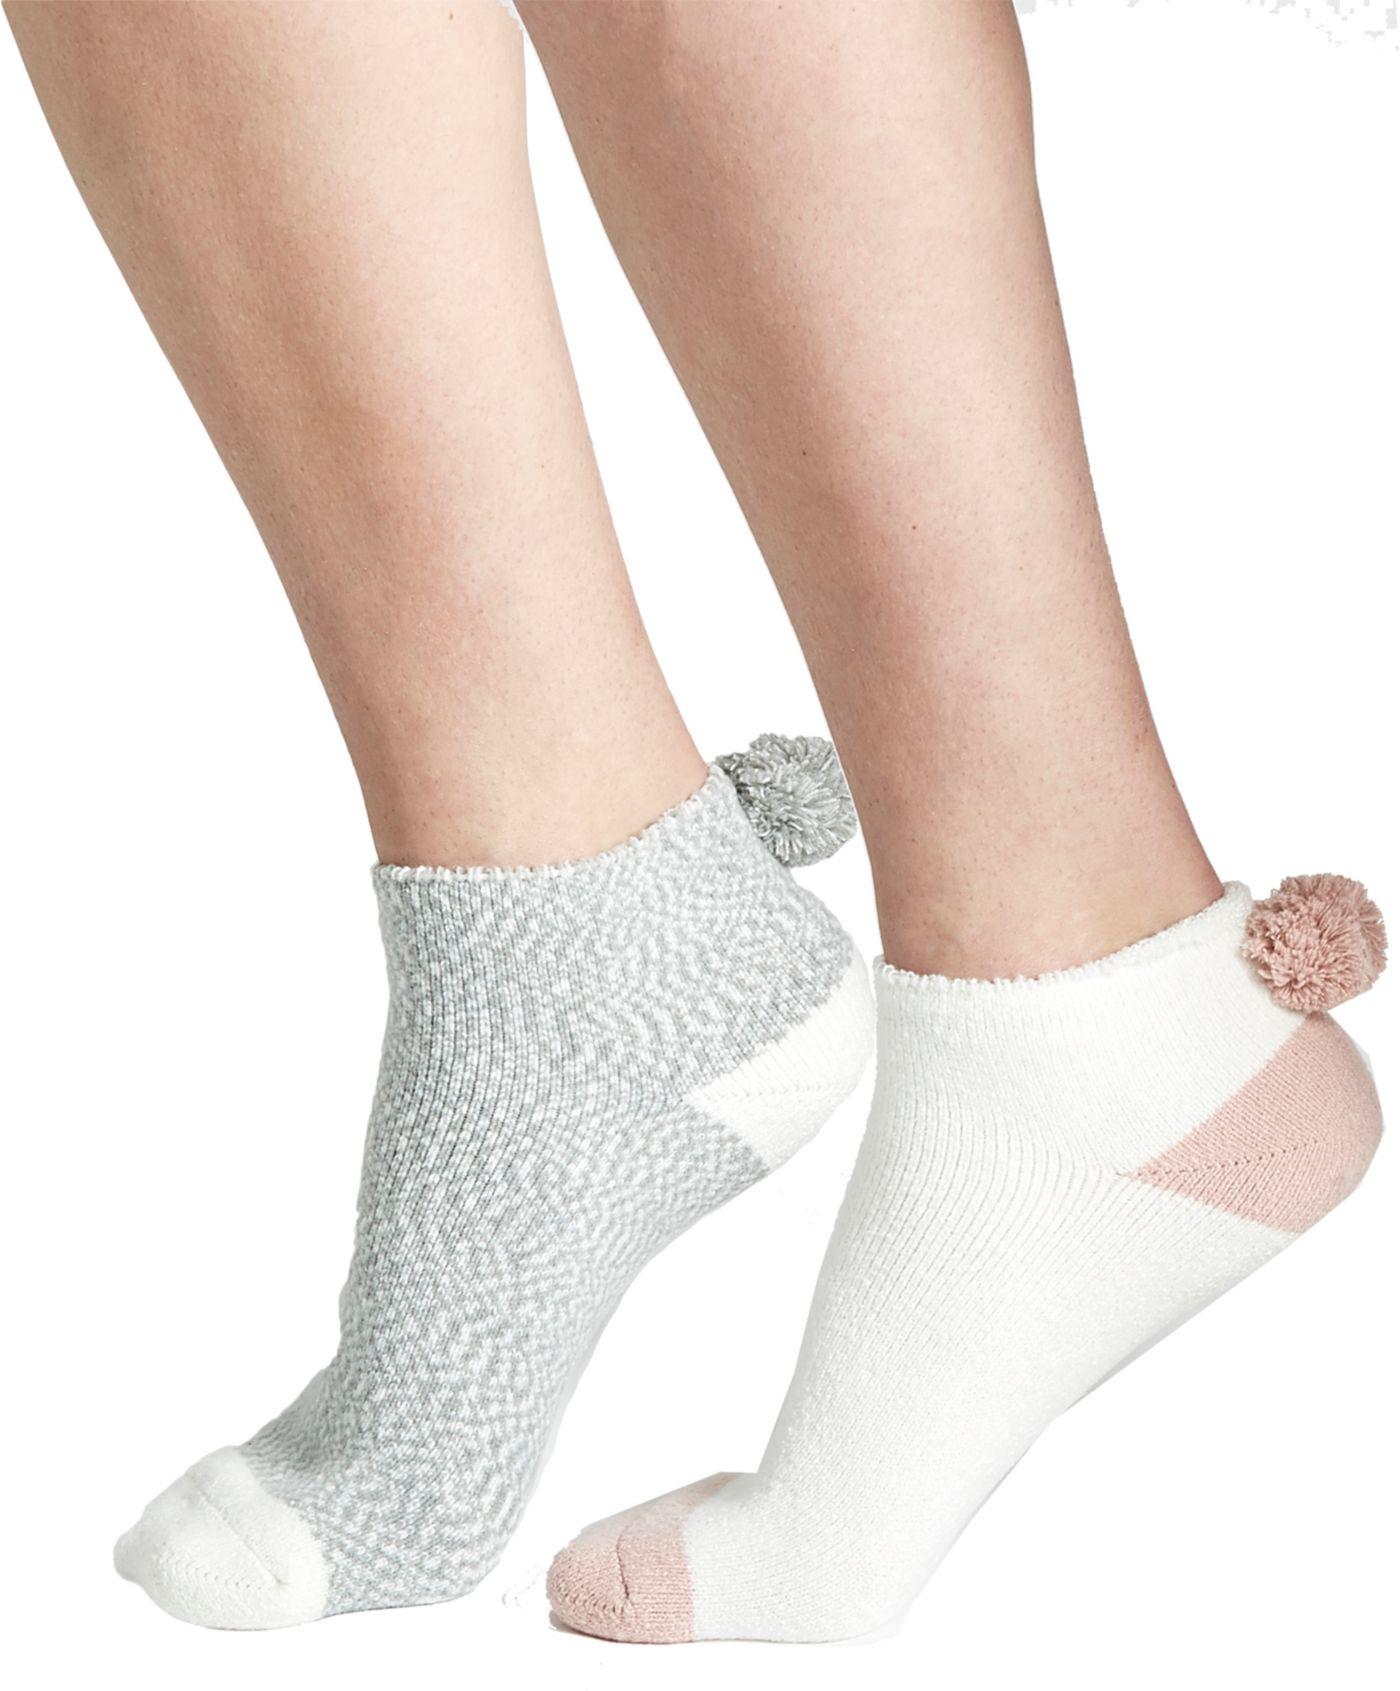 CALIA by Carrie Underwood Pom Footie Socks - 2 Pack